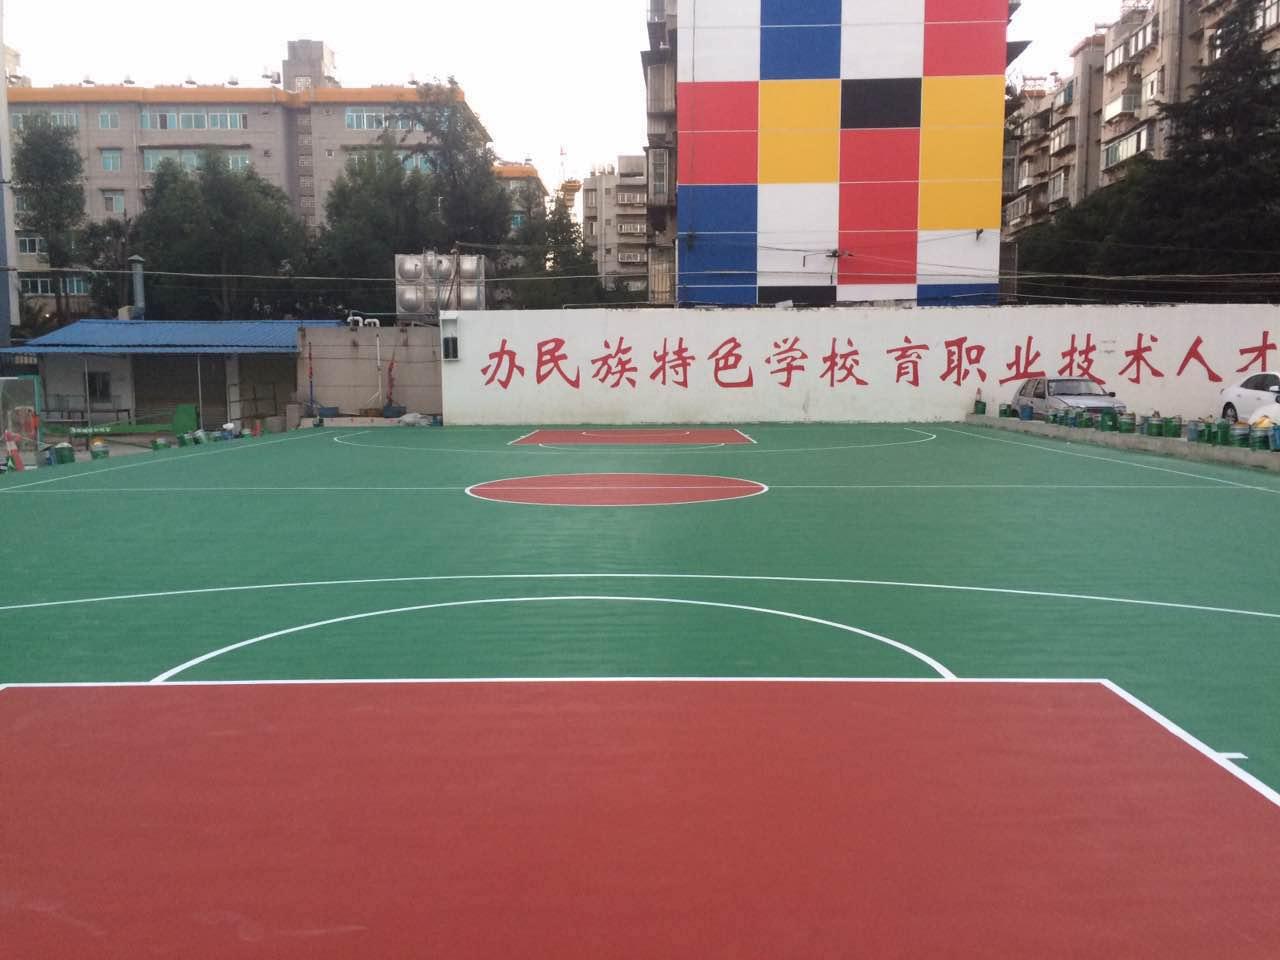 云南省昆明市中等专业学校